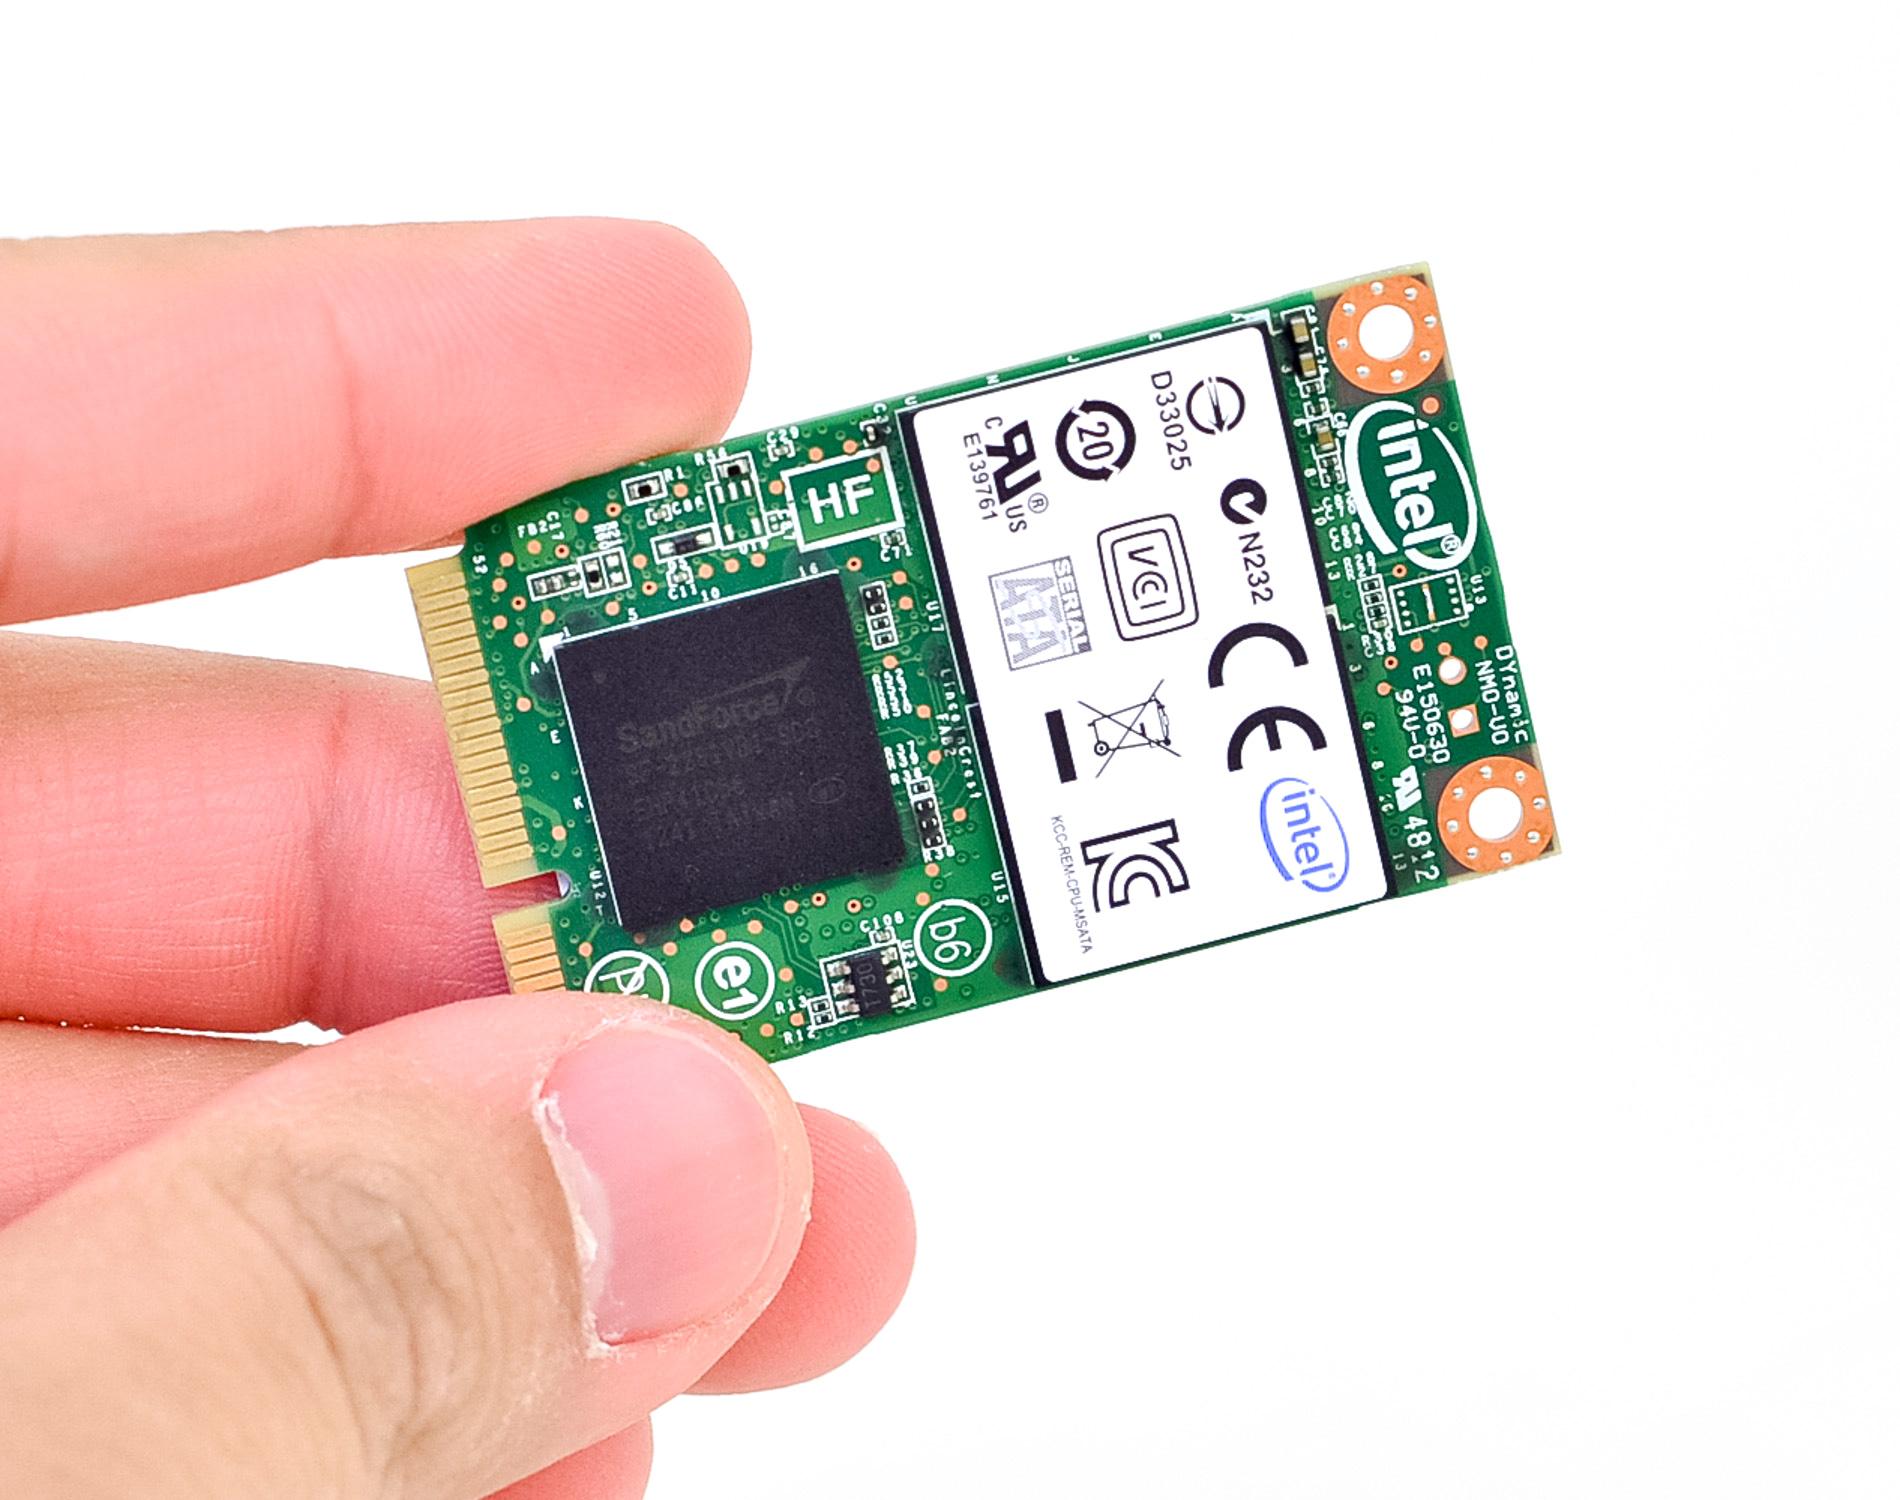 Intel Msata Ssd 525 Series 30gb Price In Pakistan Intel